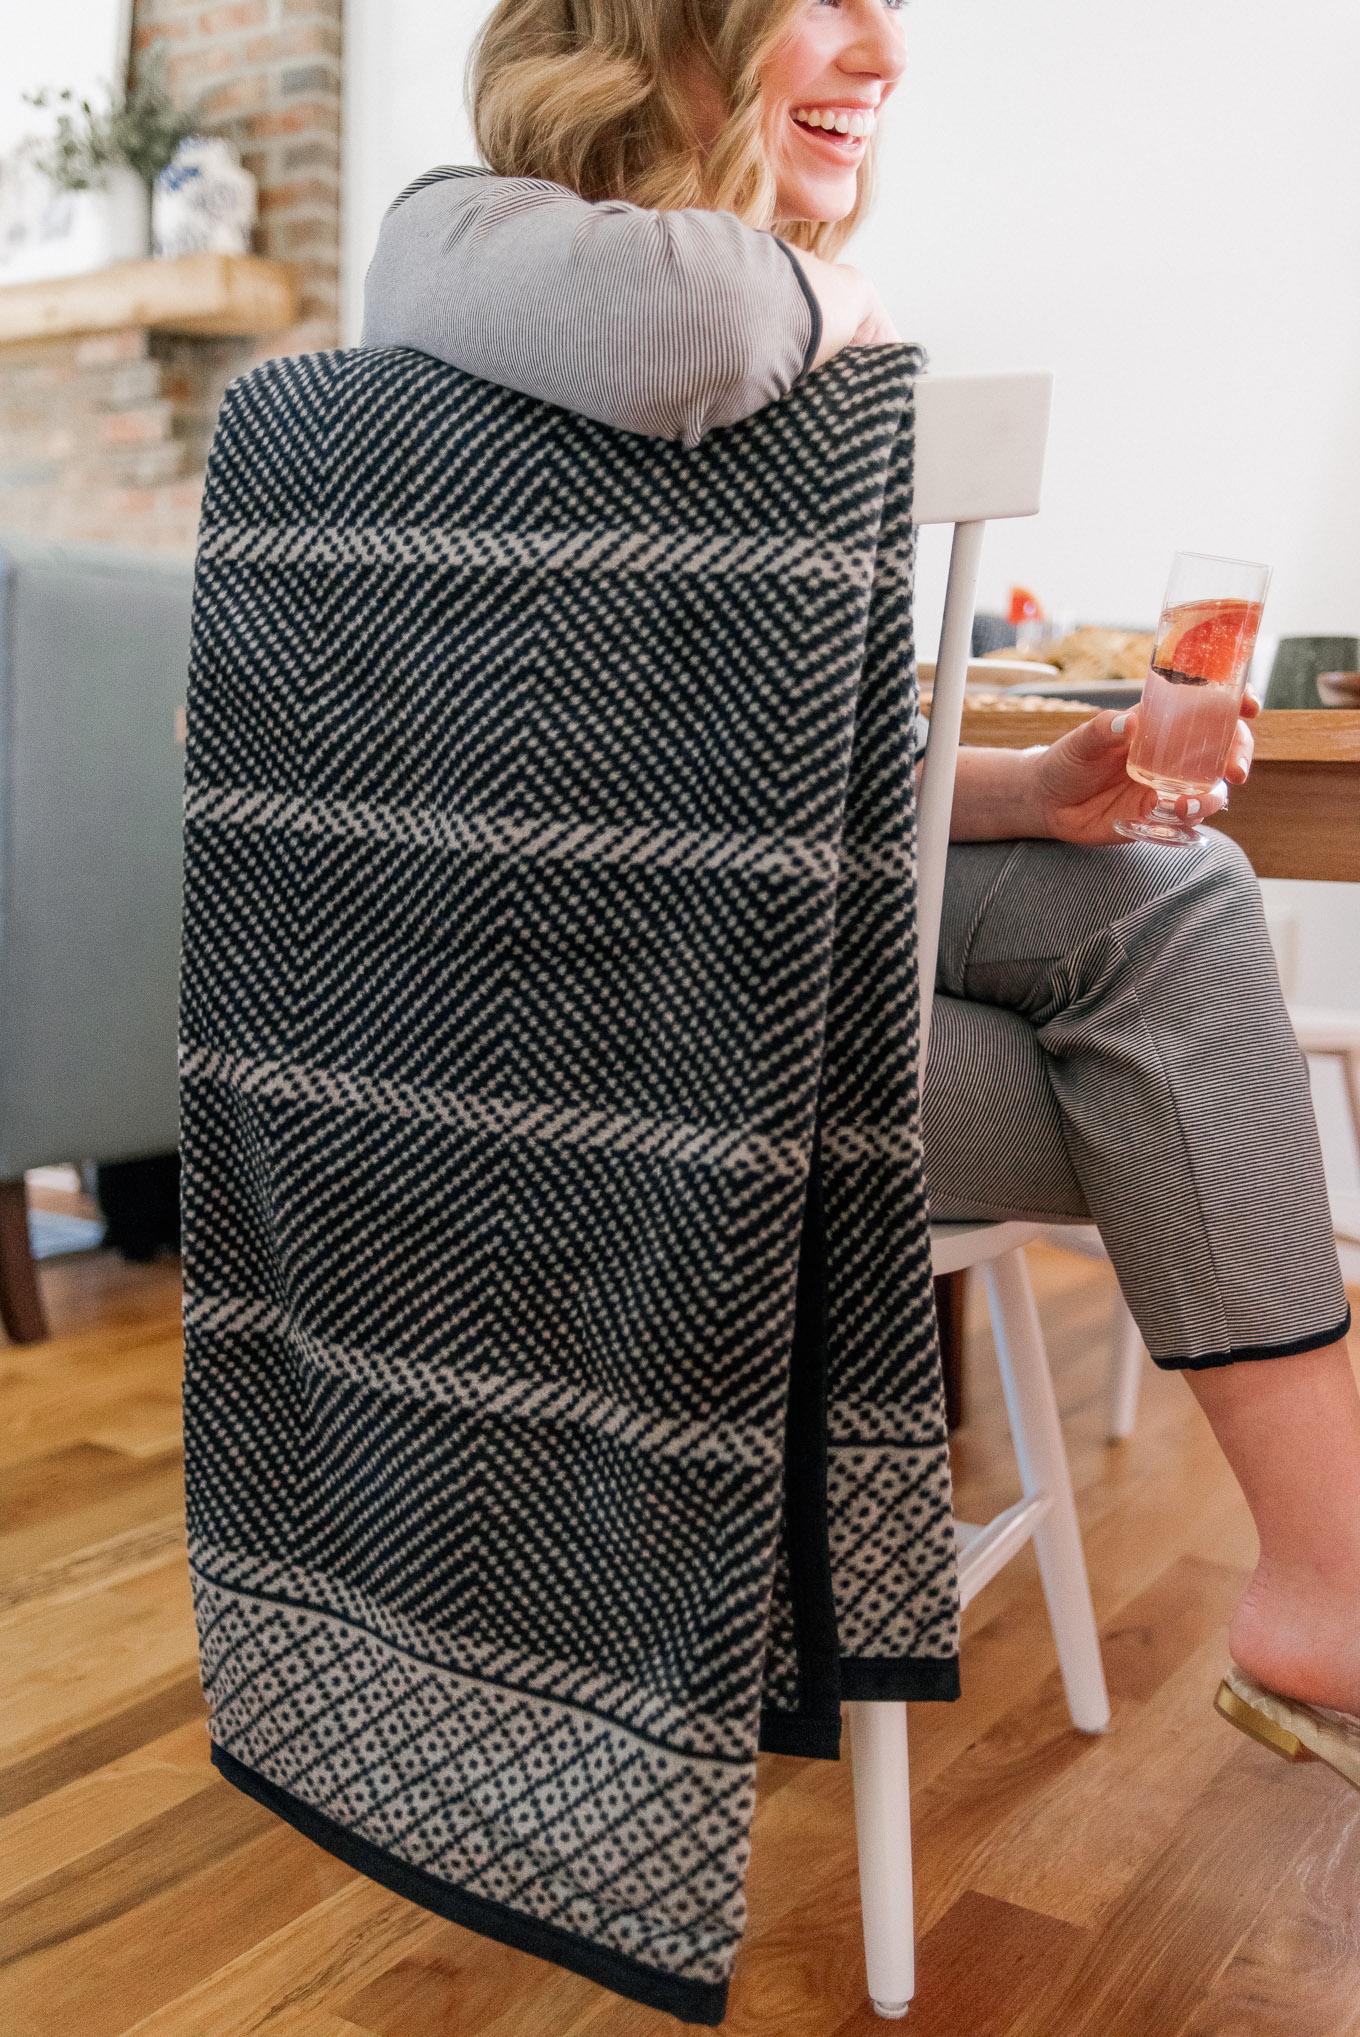 ChappyWrap Blanket Review   Louella Reese